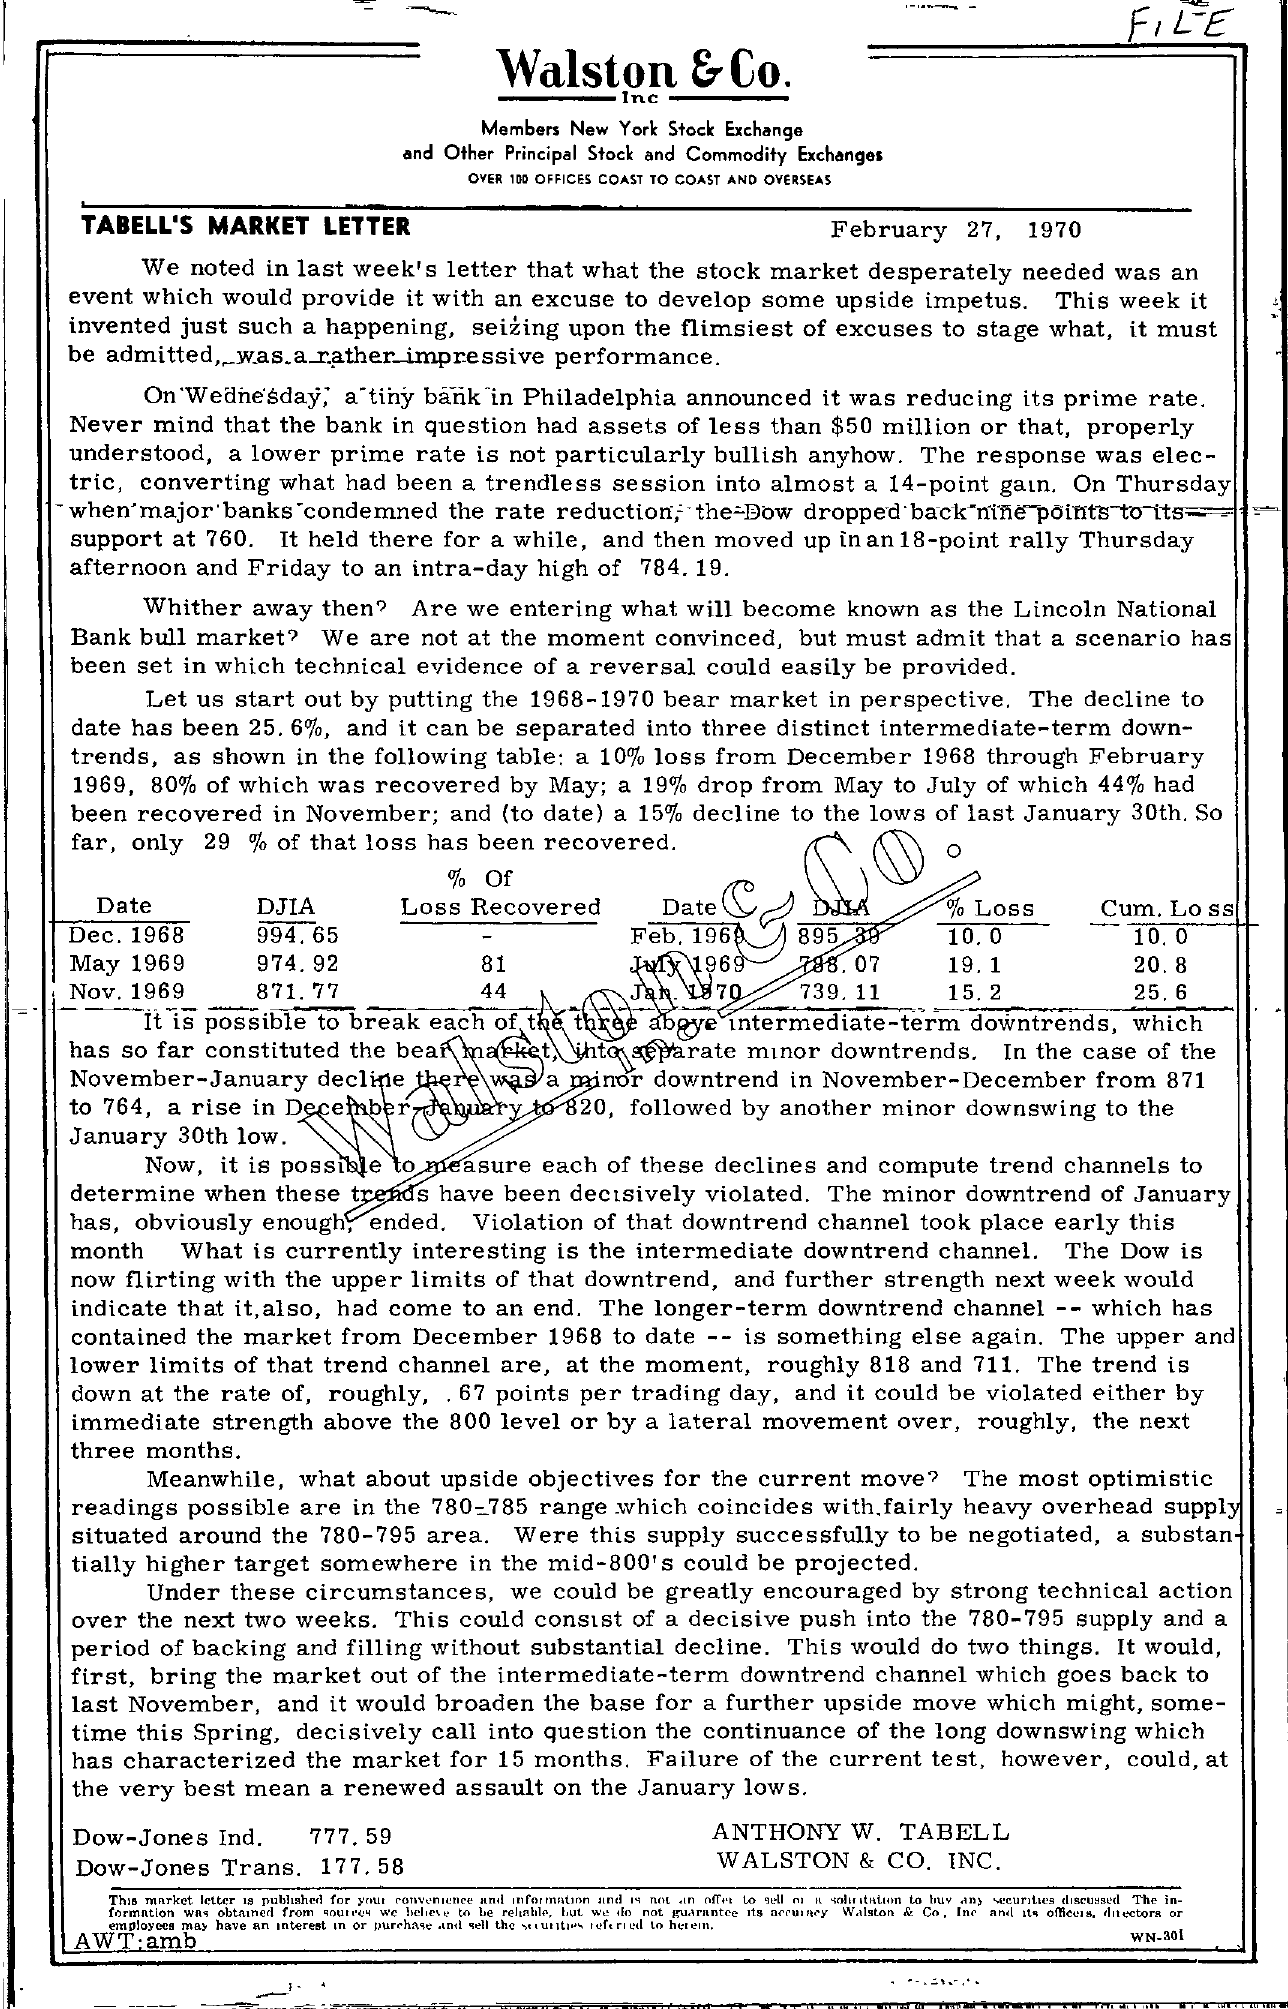 Tabell's Market Letter - February 27, 1970